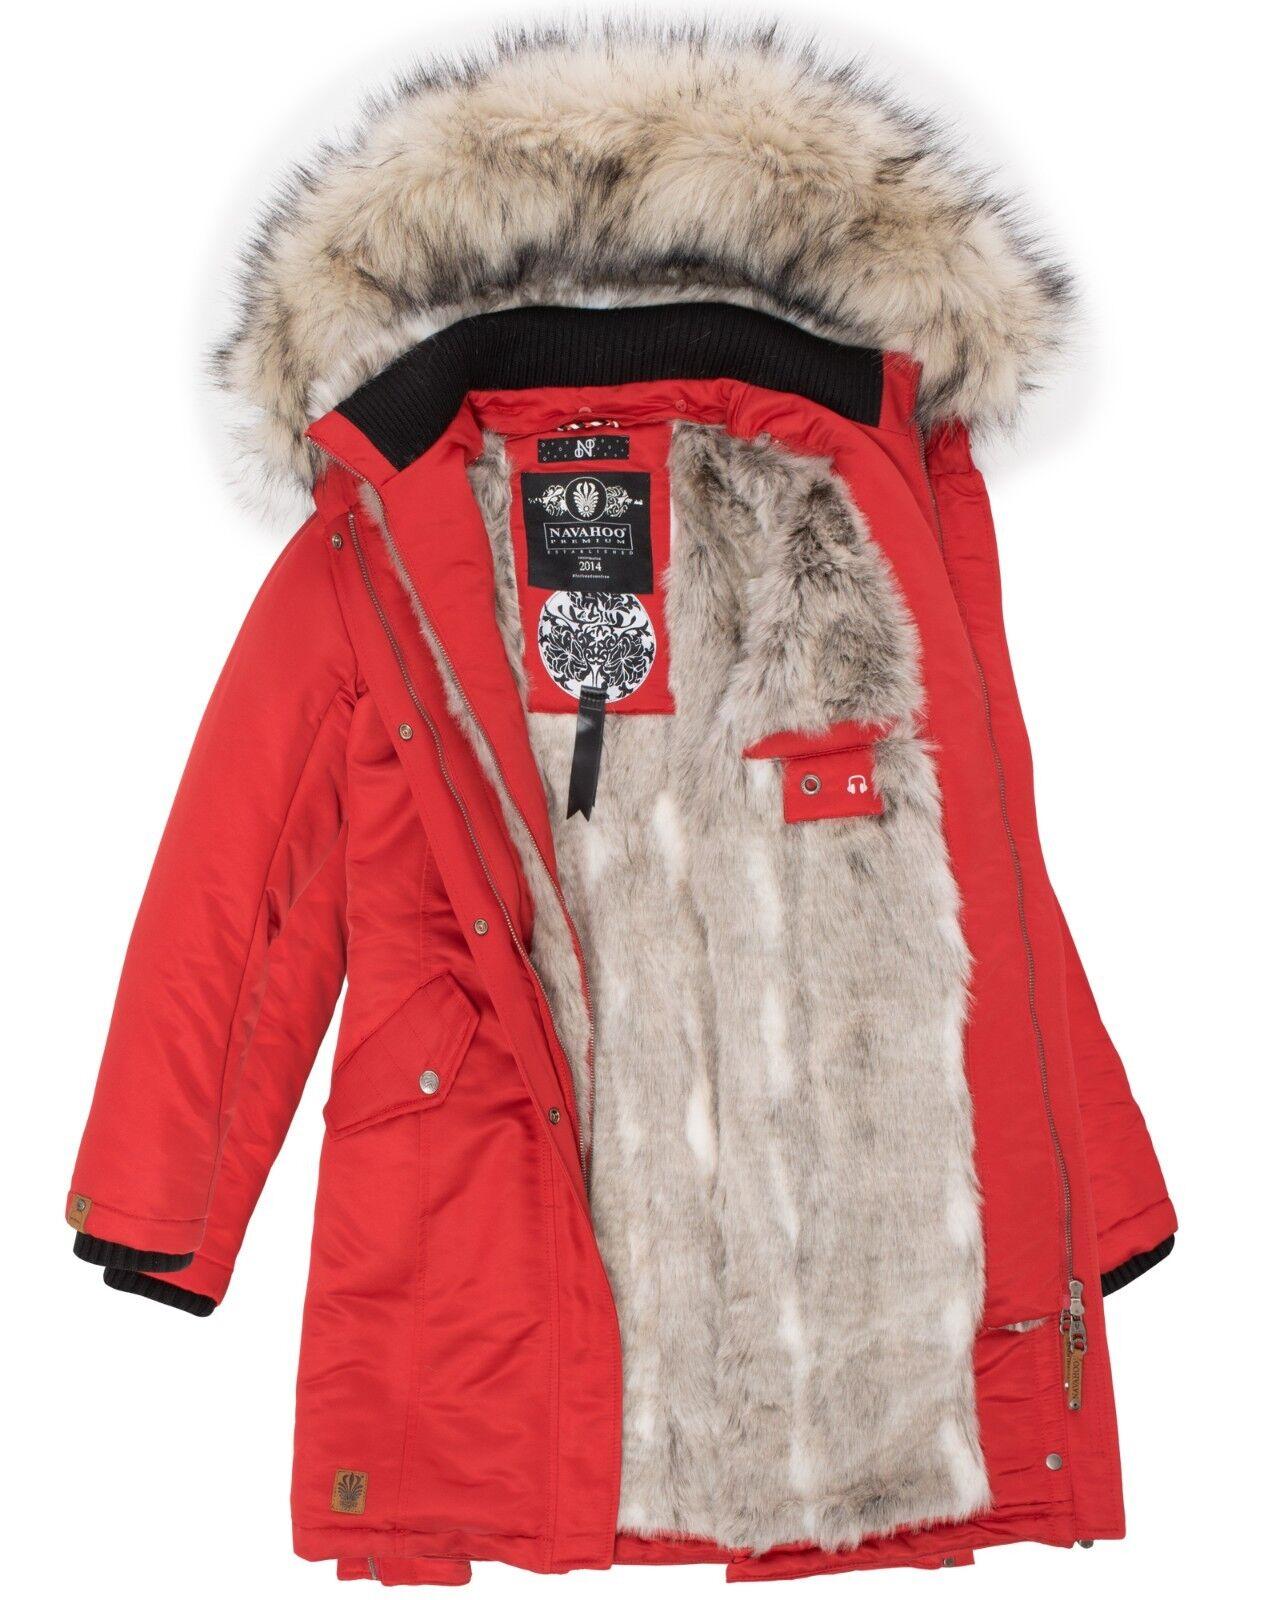 Camicia Superdry Pop Zip Cappuccio Cappuccio Cappuccio Artico Giacca a vento-nero/nero (M50000SR 16A) 87a5b2